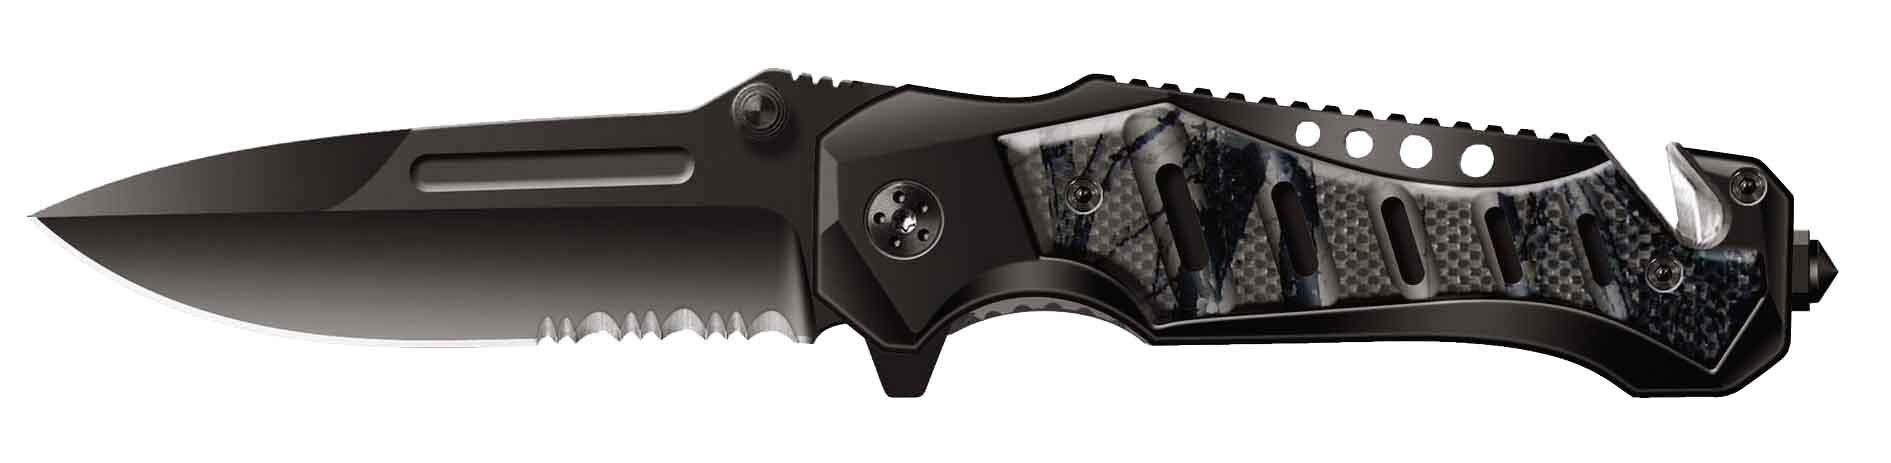 Нож складной Stinger SA-582GY, сталь 420, алюминий нож складной stinger sa 435b сталь 420 алюминий